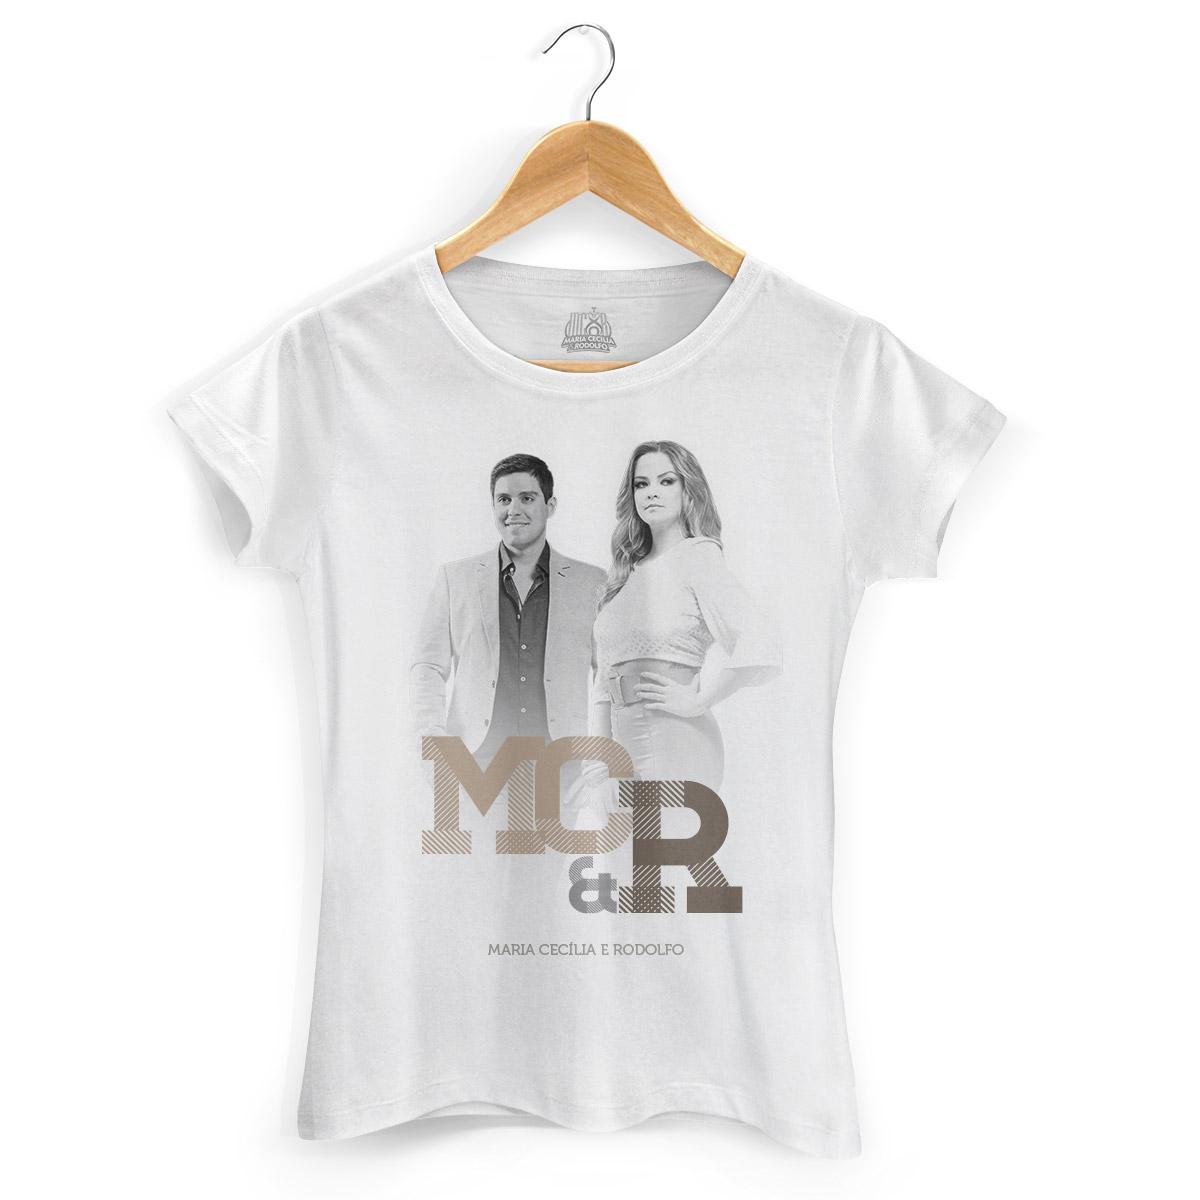 Camiseta Feminina Maria Cec�lia & Rodolfo Foto PB